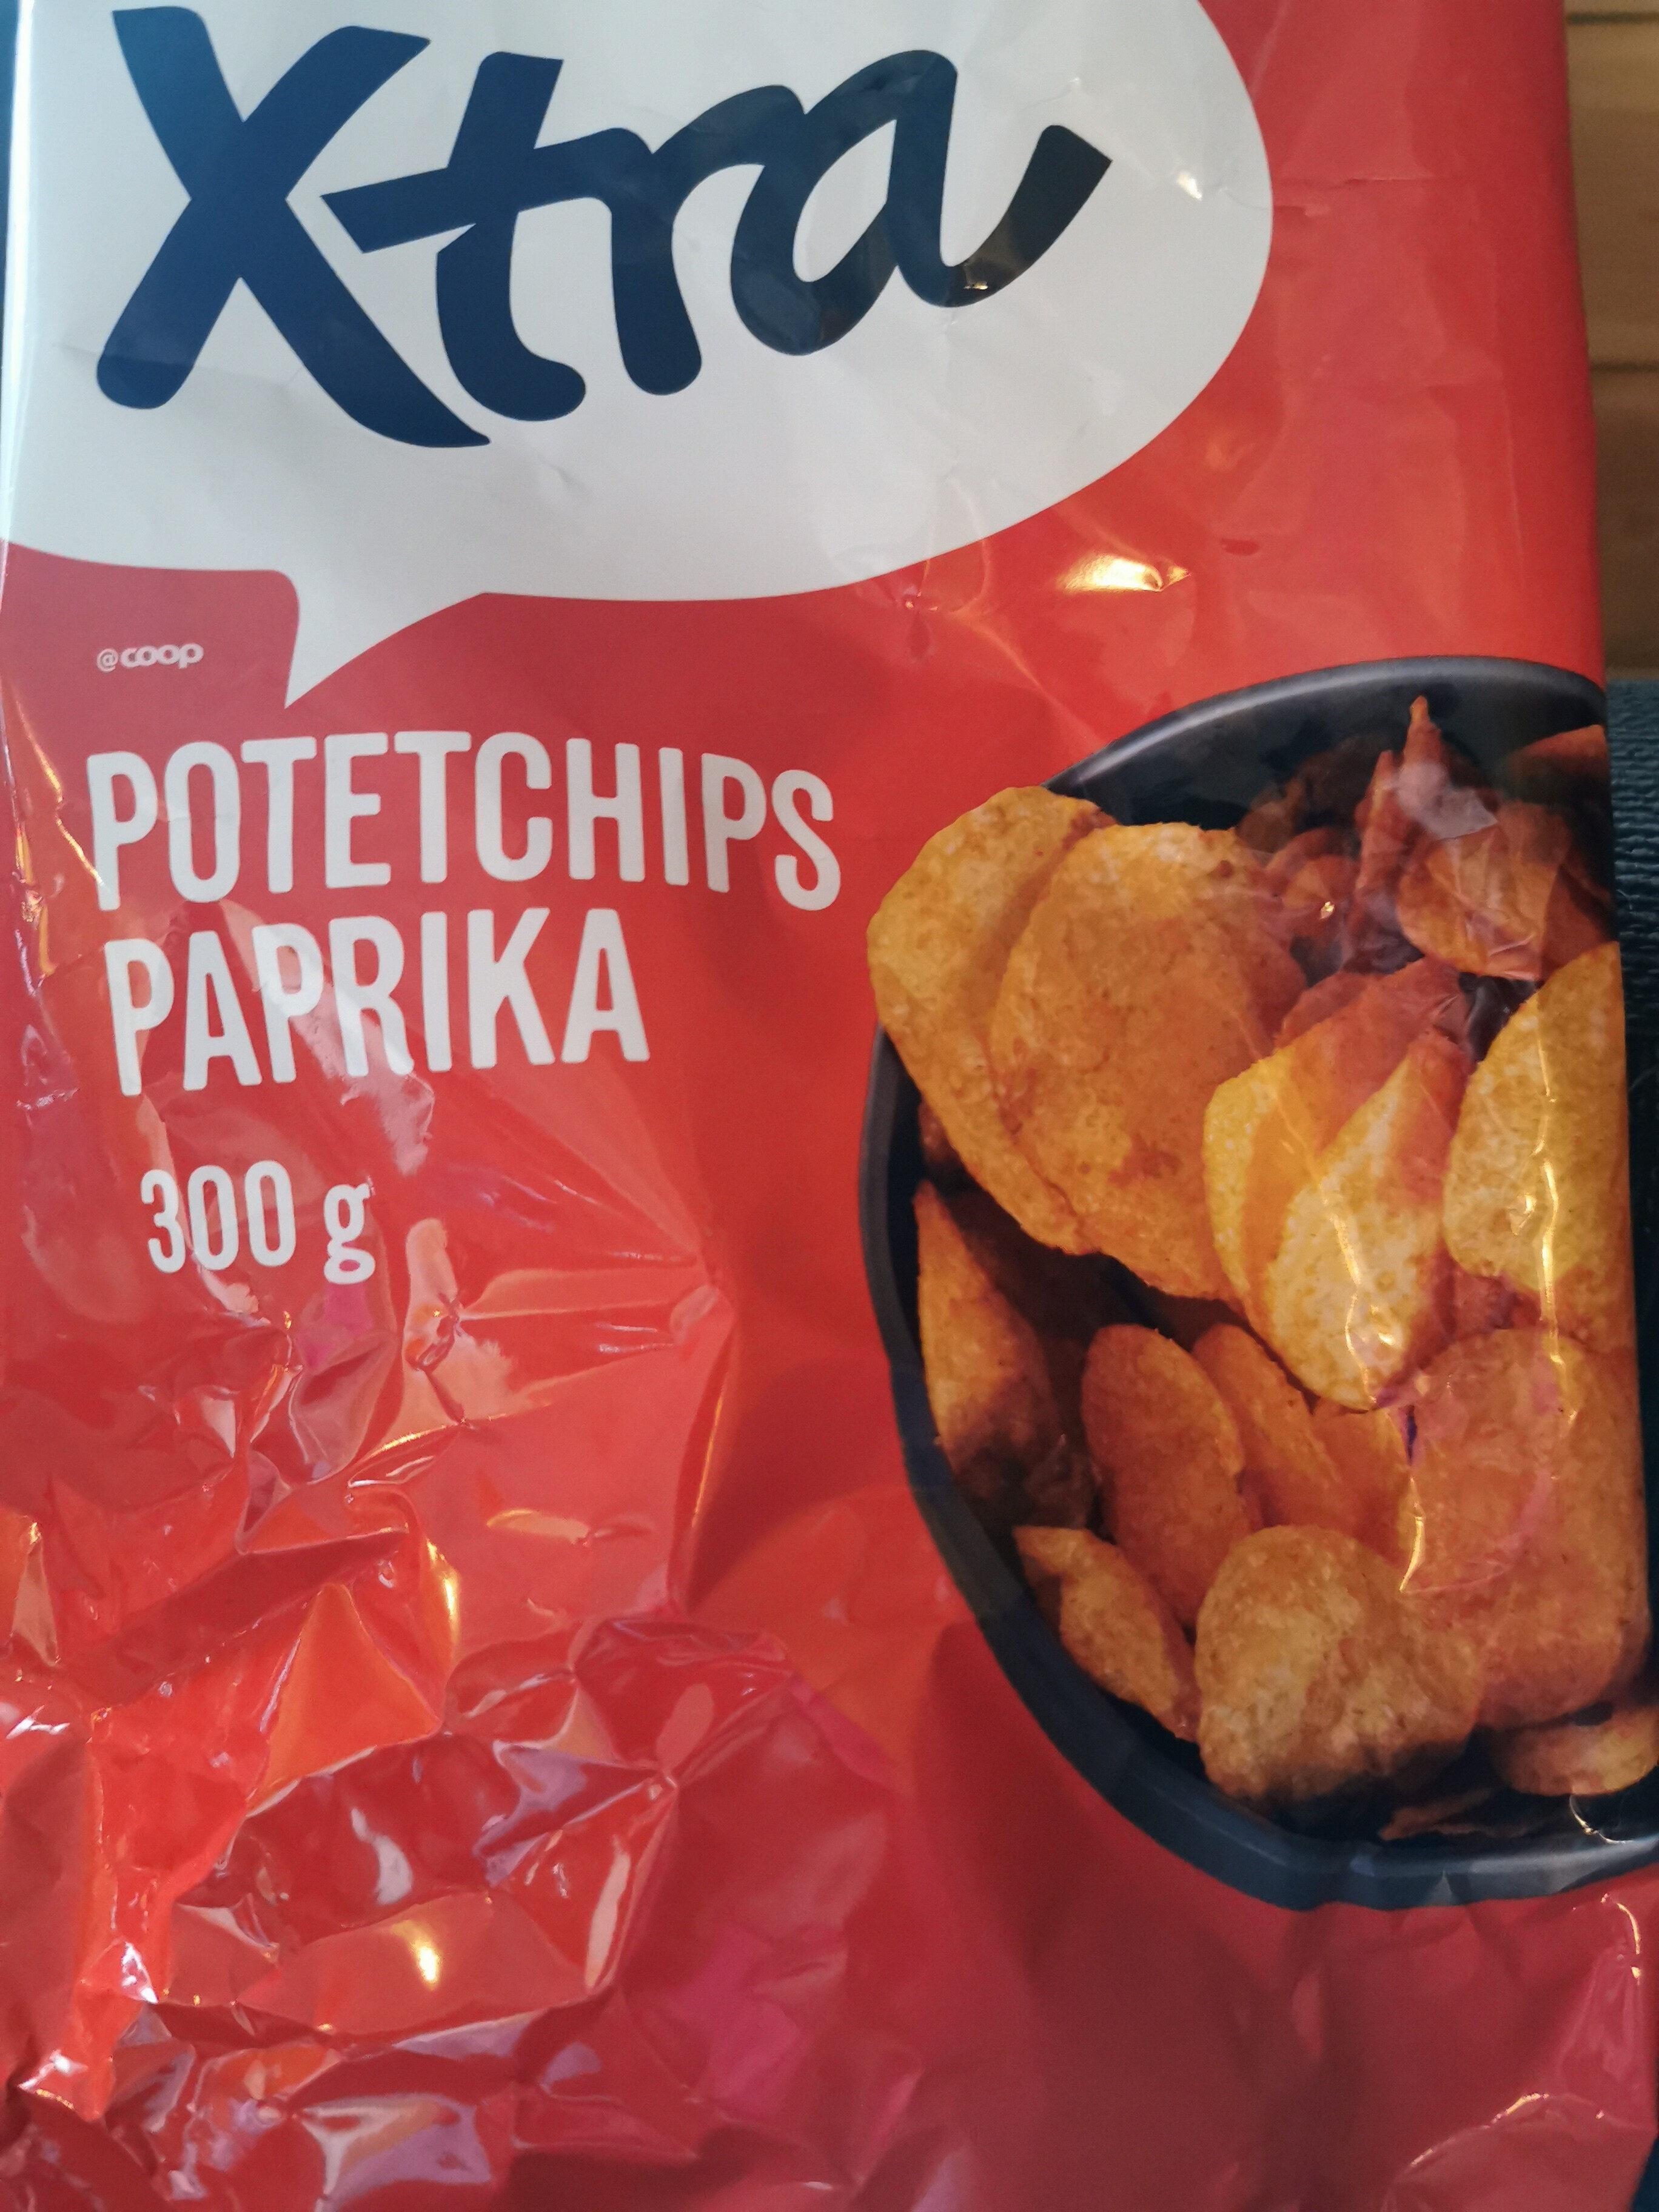 potetchips paprika - Produit - nb